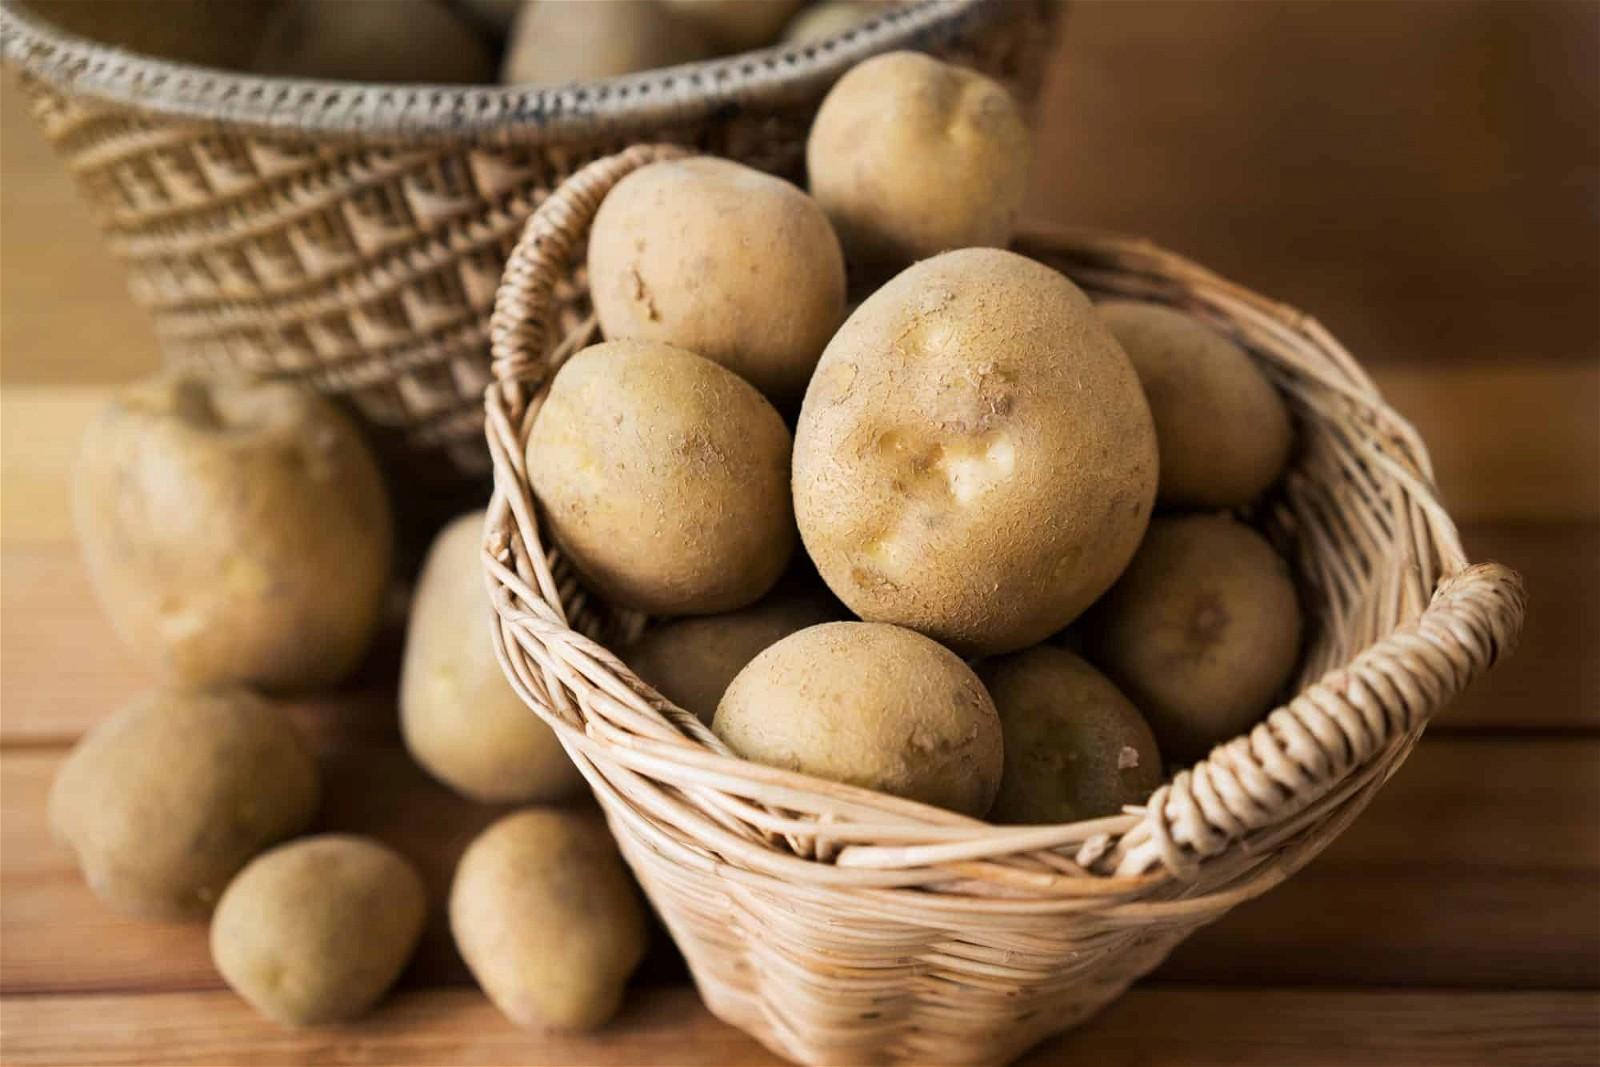 Chuyên gia dinh dưỡng khuyên bạn không nên bỏ đi vỏ khoai tây